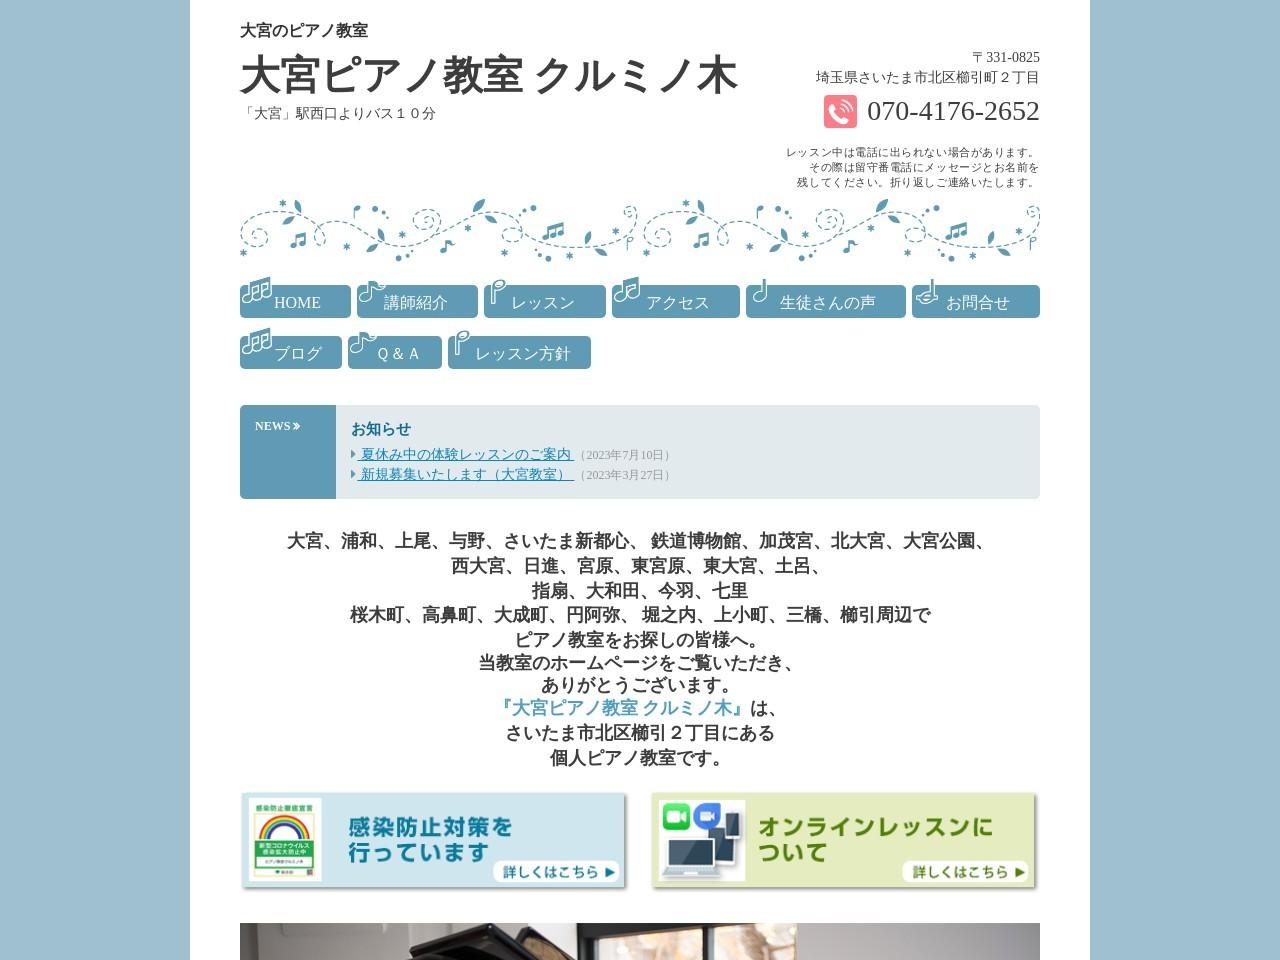 王子ピアノ教室 クルミノ木のサムネイル